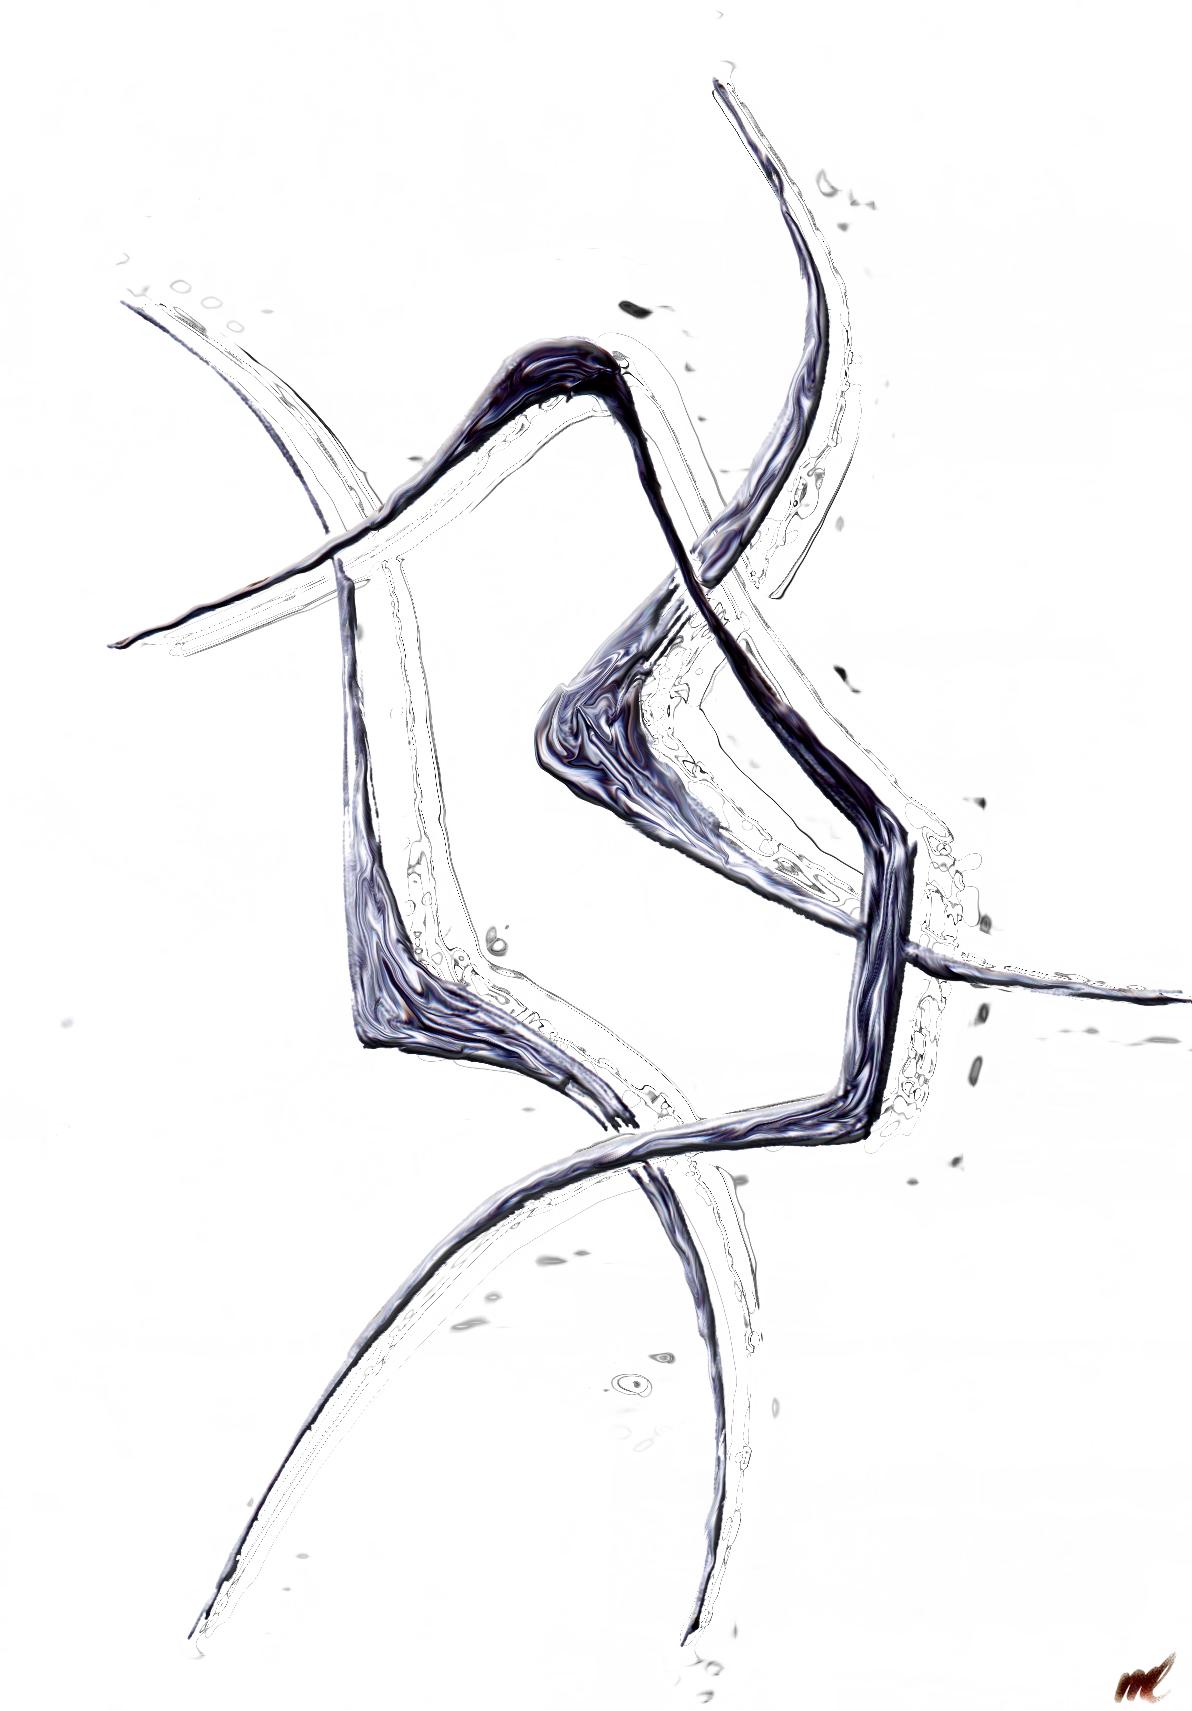 Orbicande 12